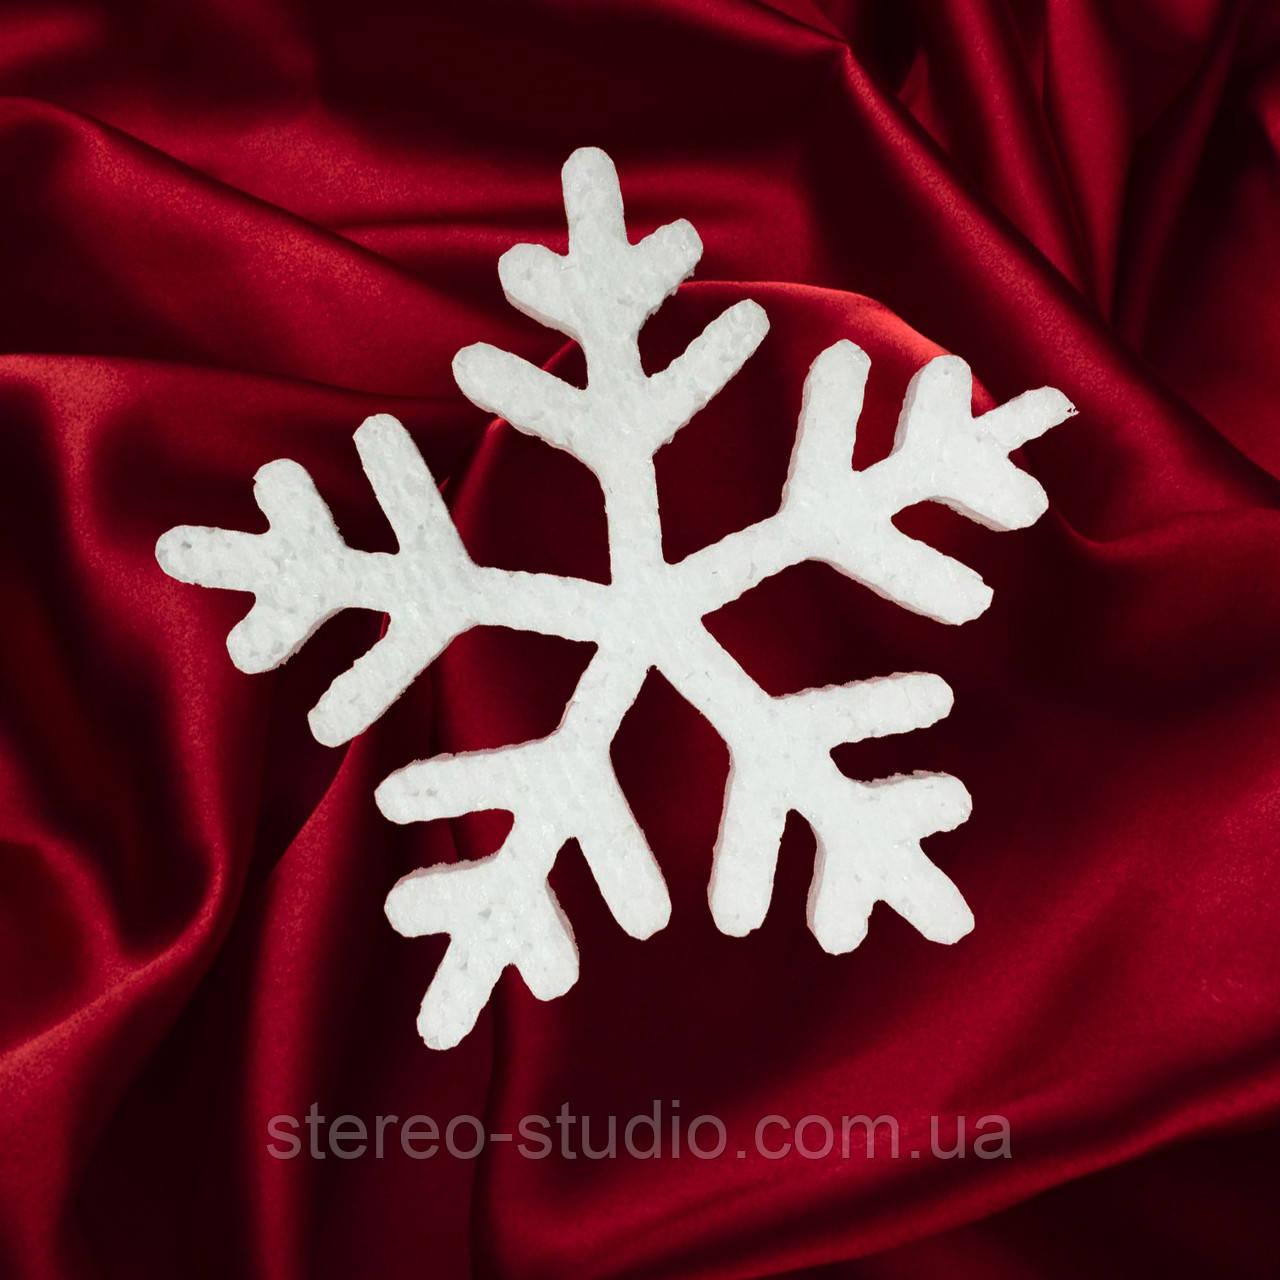 Снежинка из пенопласта №4 (20см, 30см, 40см, 50см, 60 см, 70 см, 80 см, 90см, 100см)